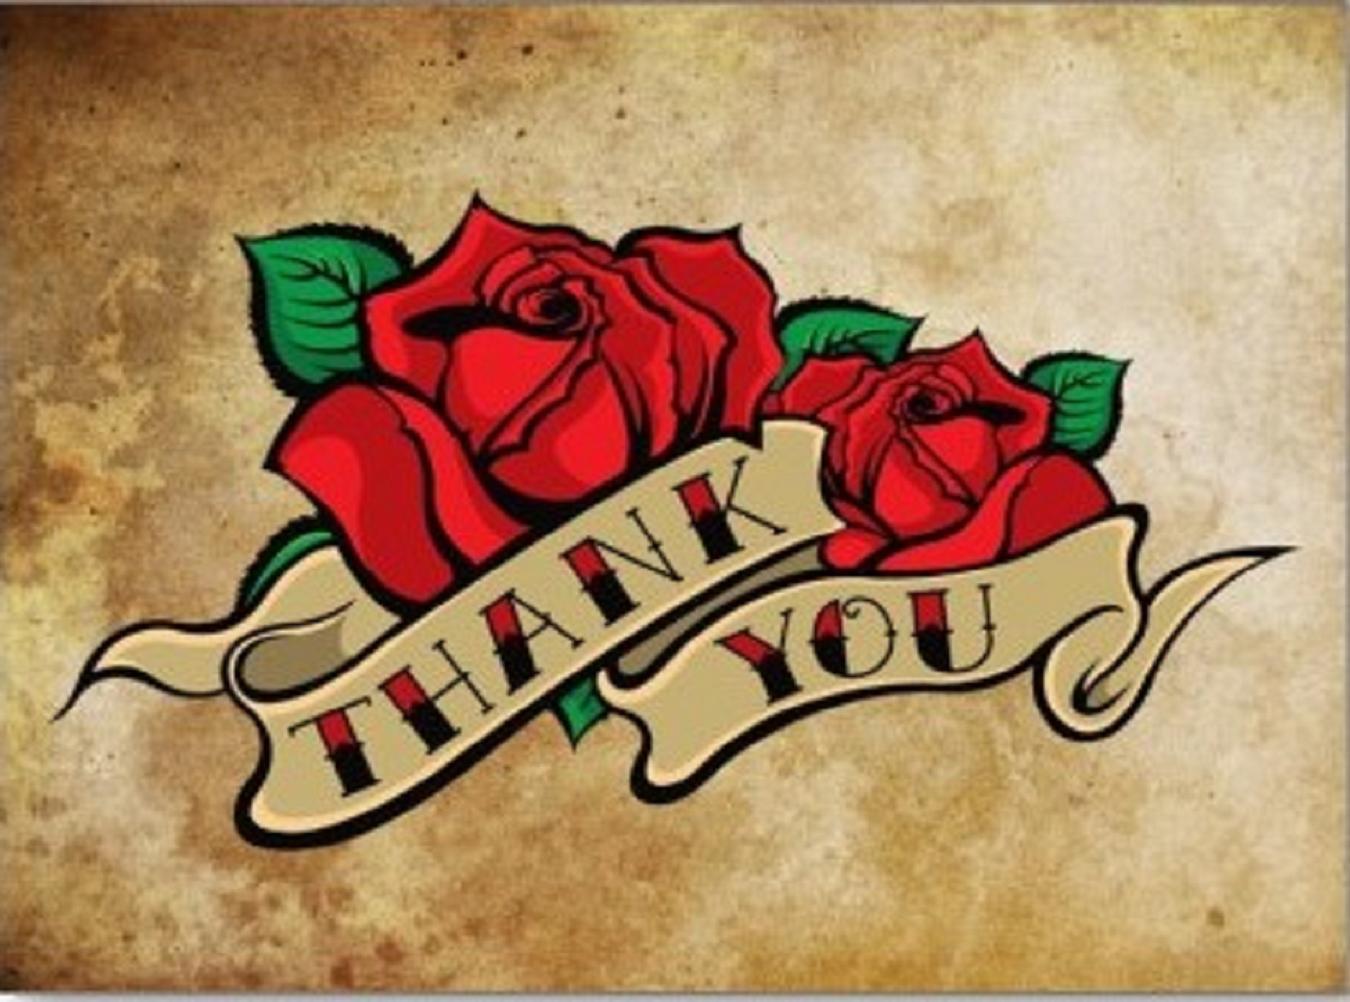 hinh nen thank you 27